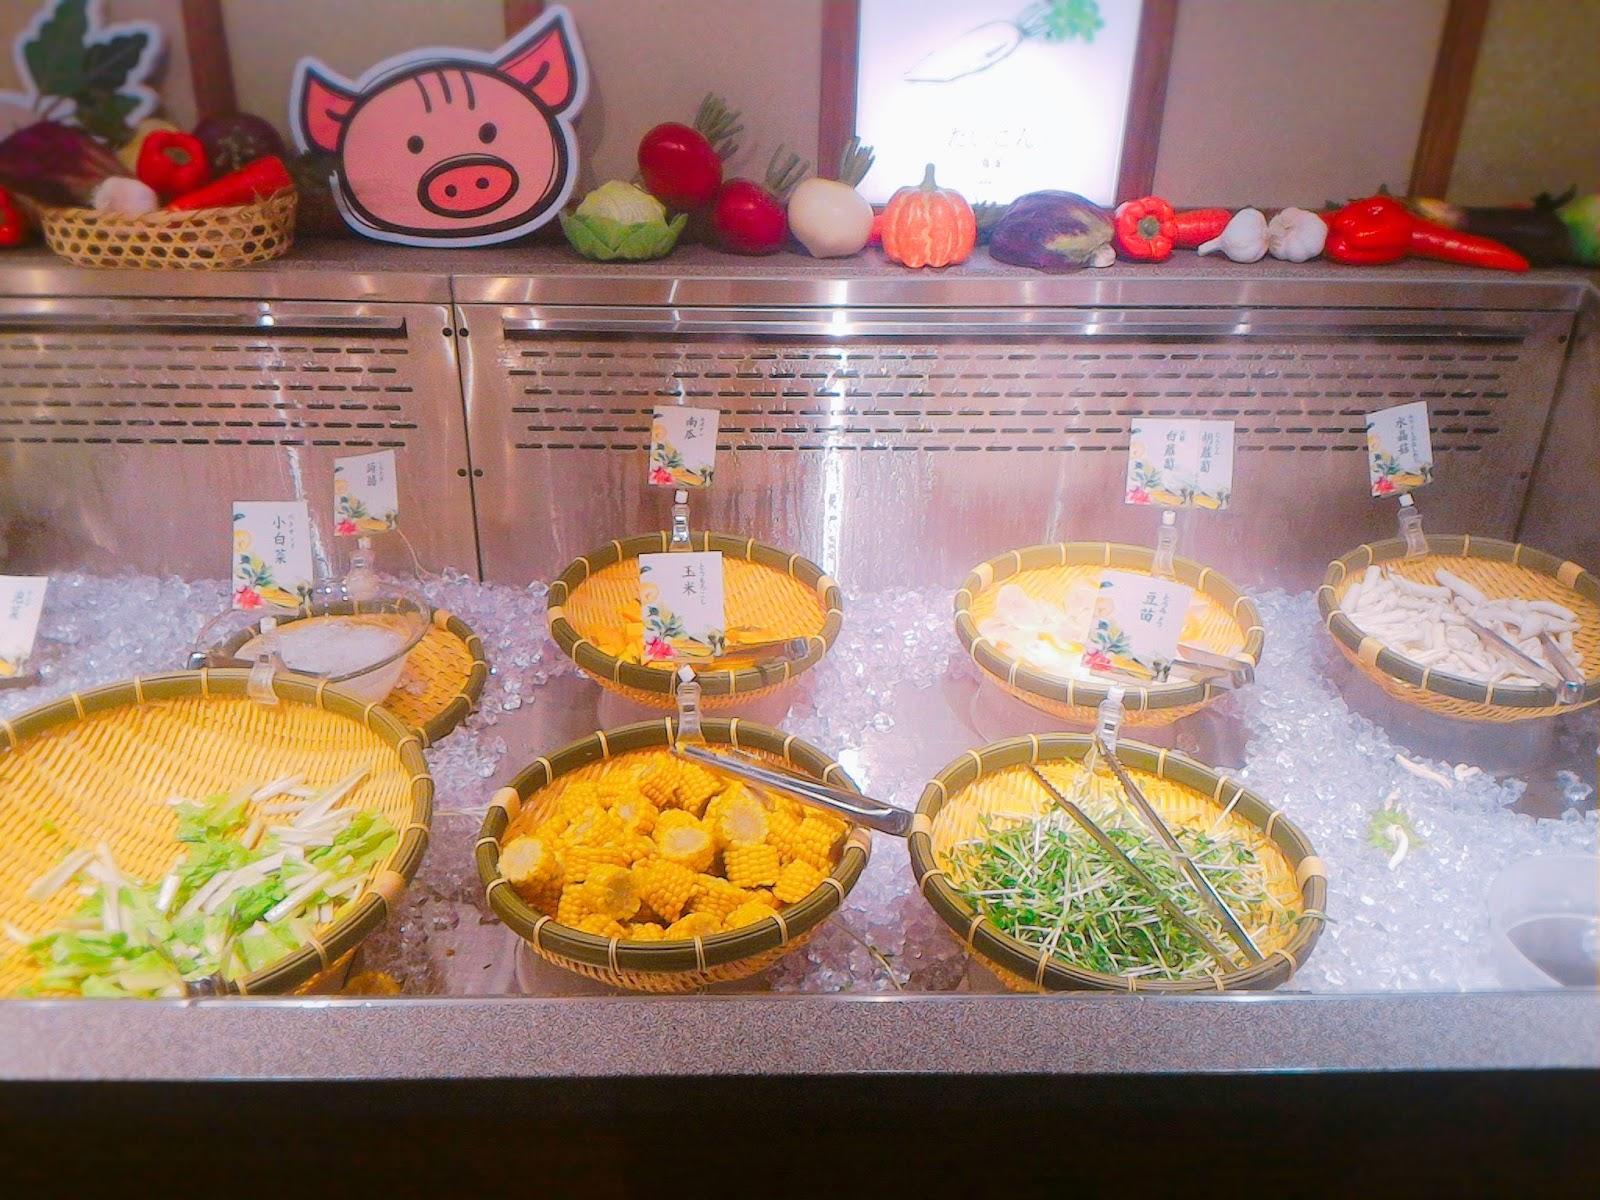 2016 10 16 19 33 44 - 【台南東區】涮乃葉吃到飽日式涮涮鍋 - 新鮮蔬菜與手工拉麵,還有超濃郁的霜淇淋!